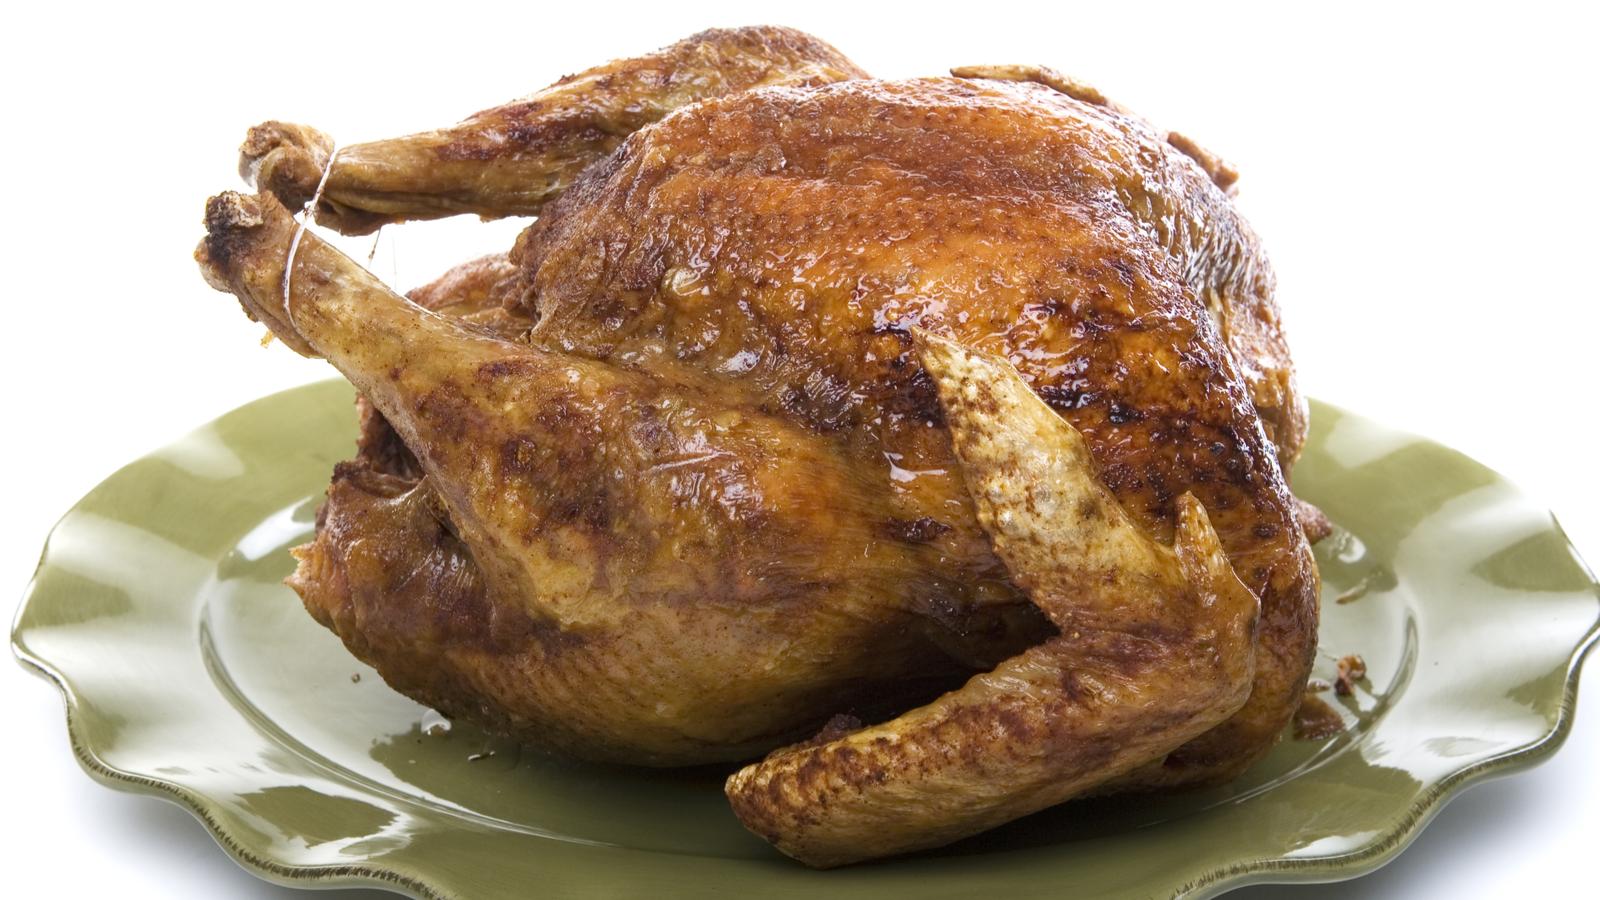 A deep fried turkey on a serving platter.